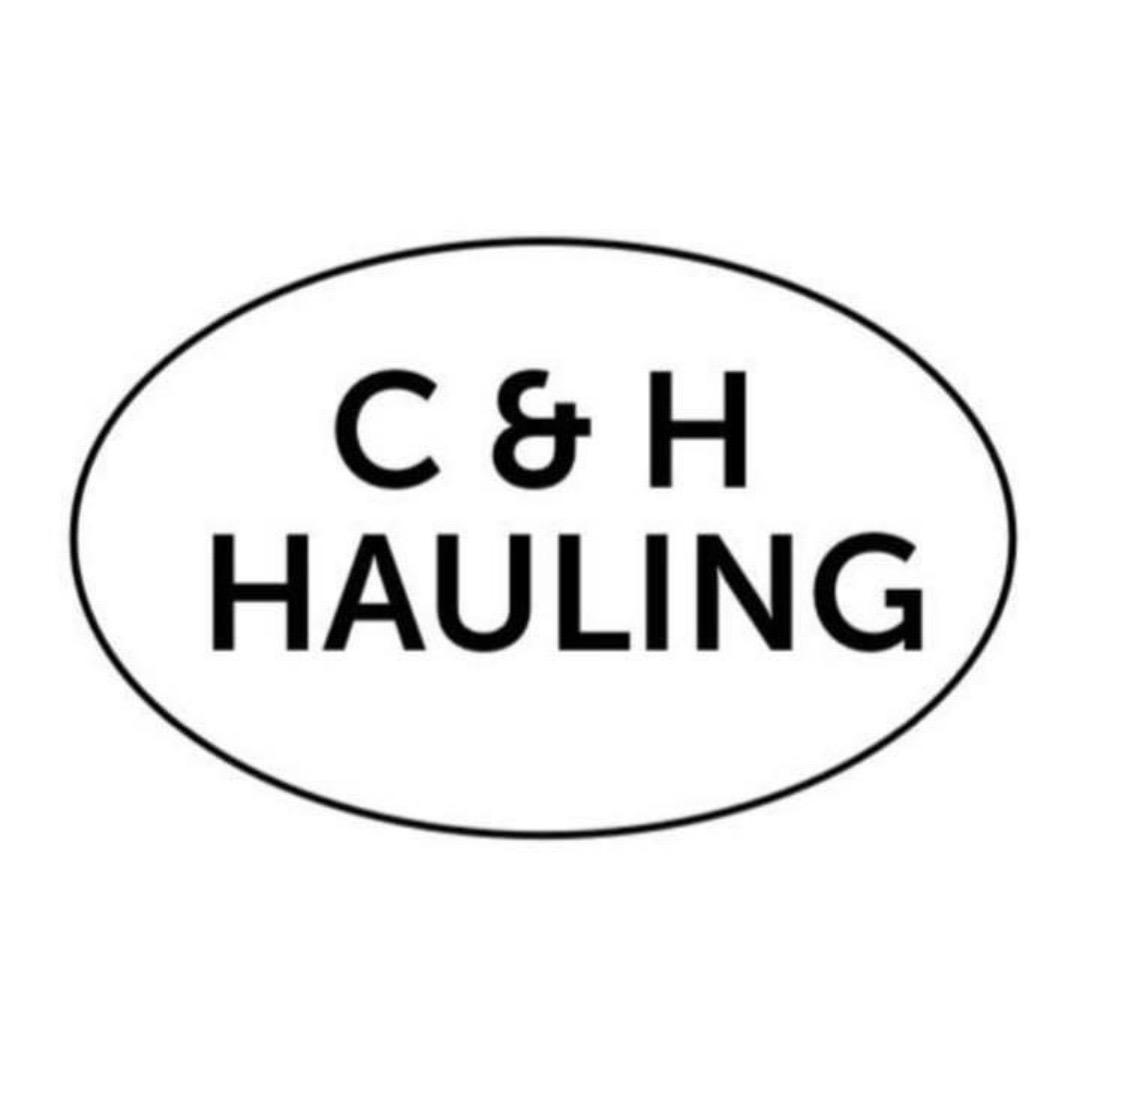 C & H Hauling